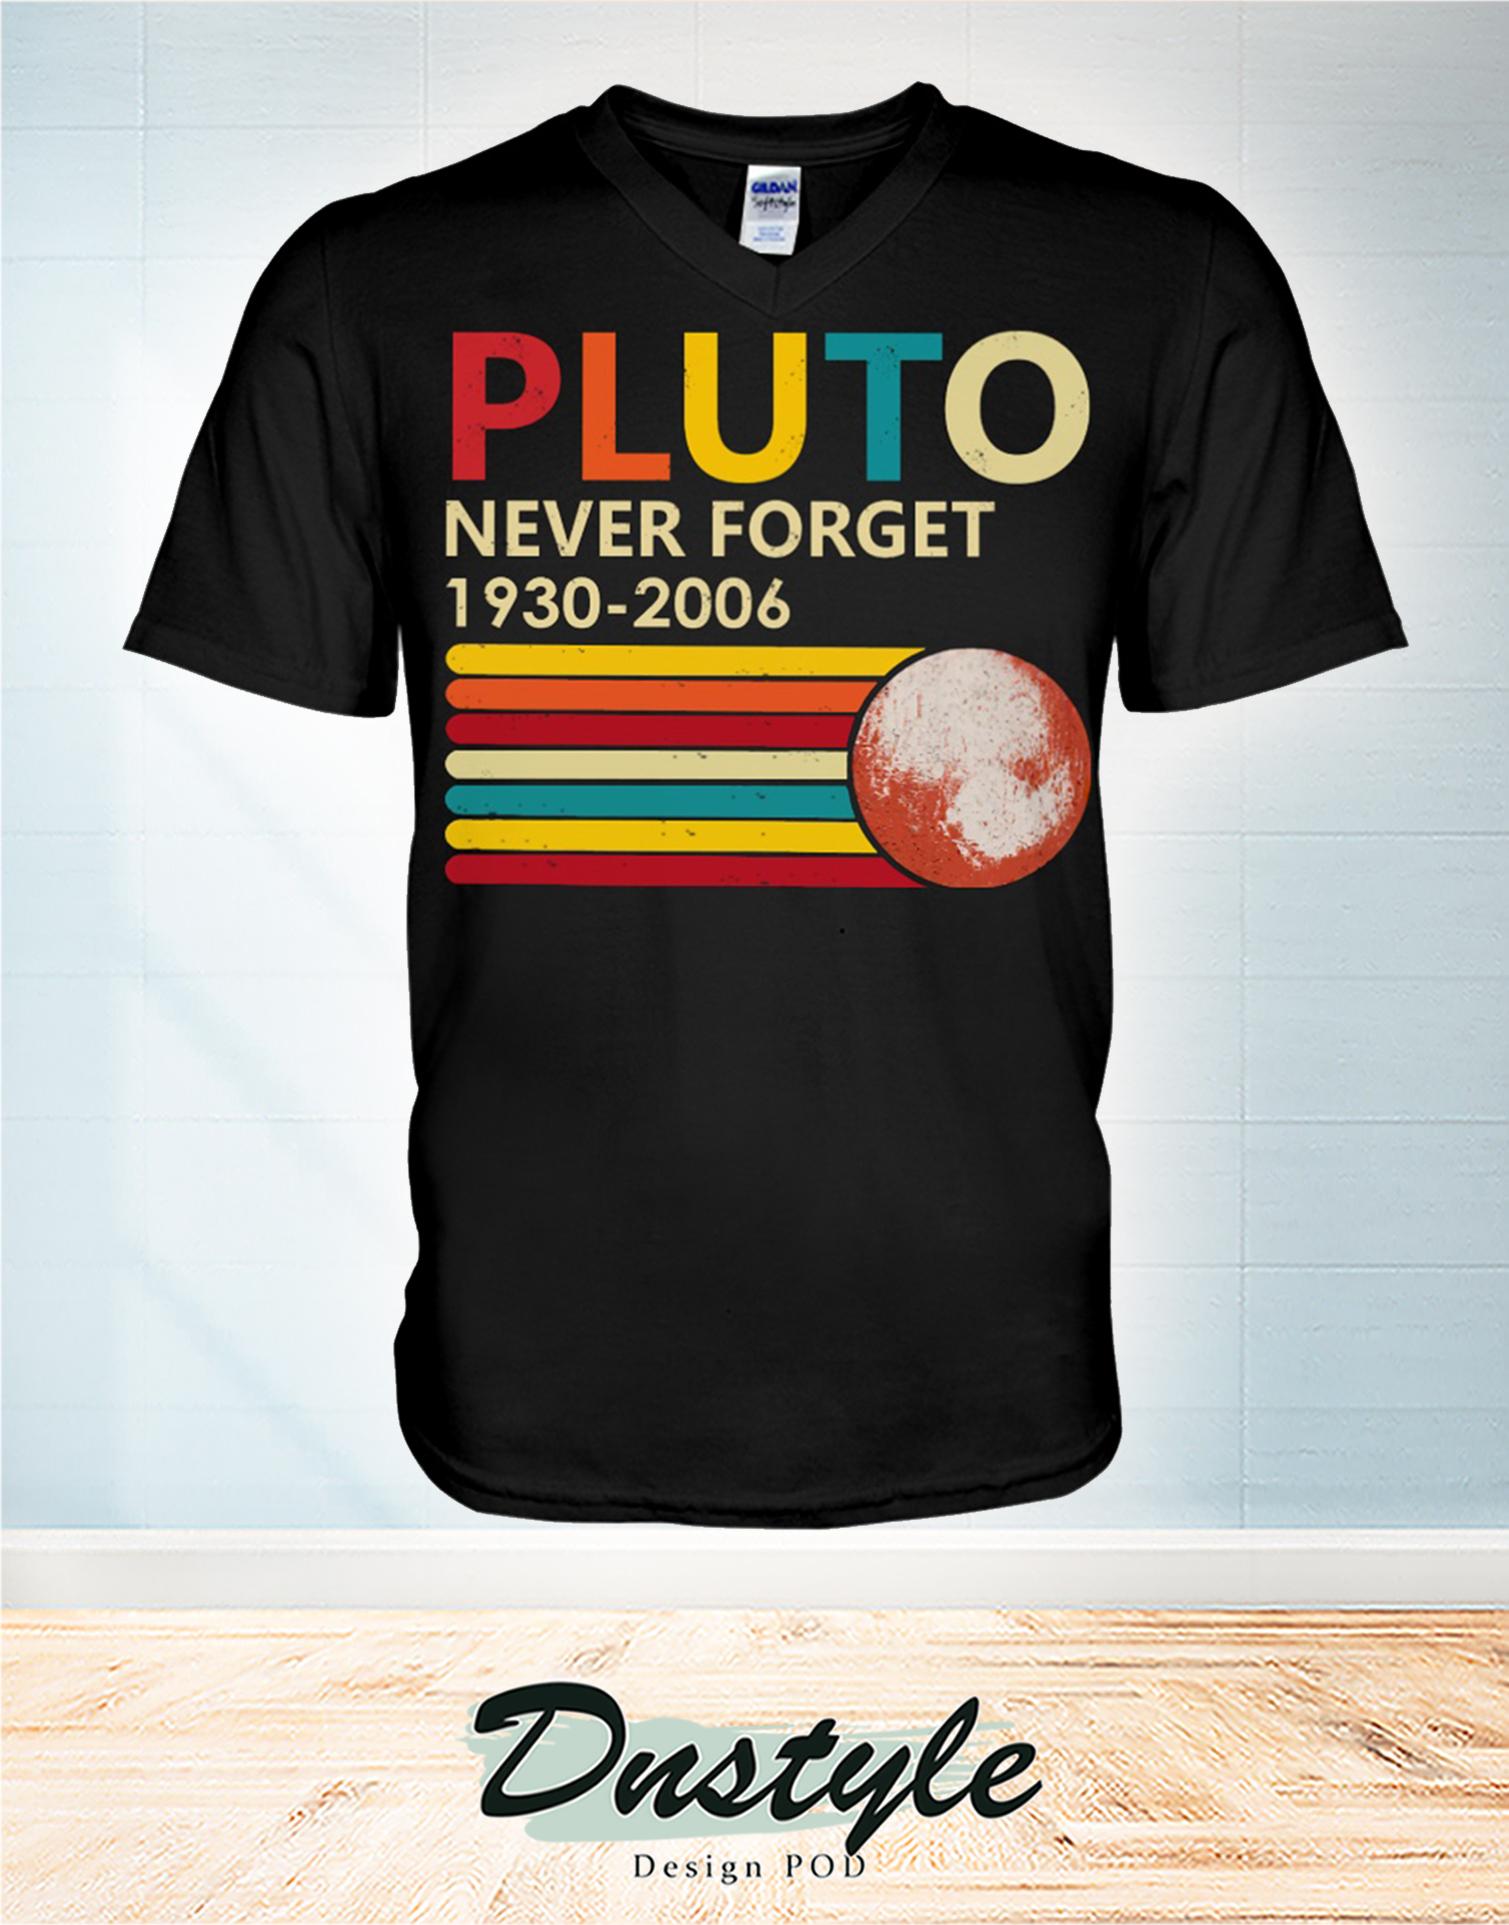 Pluto never forget 1930 - 2006 v-neck